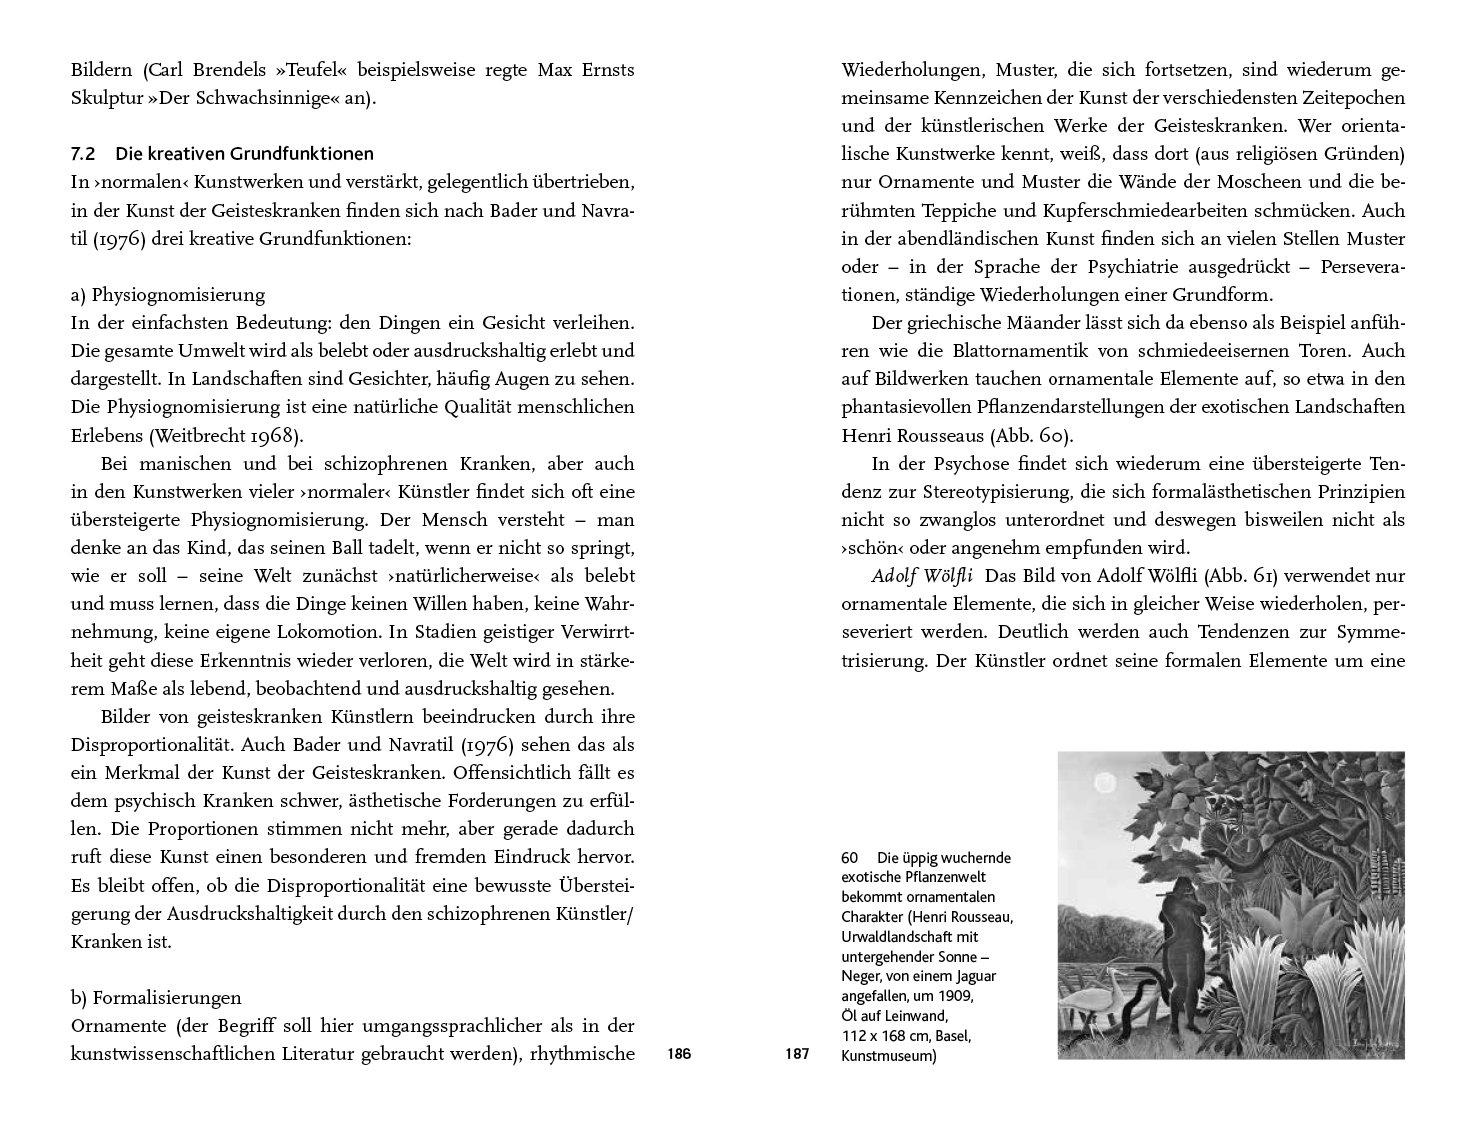 Charmant Verkauf Fortsetzen Format Beispiel Ideen - Entry Level ...